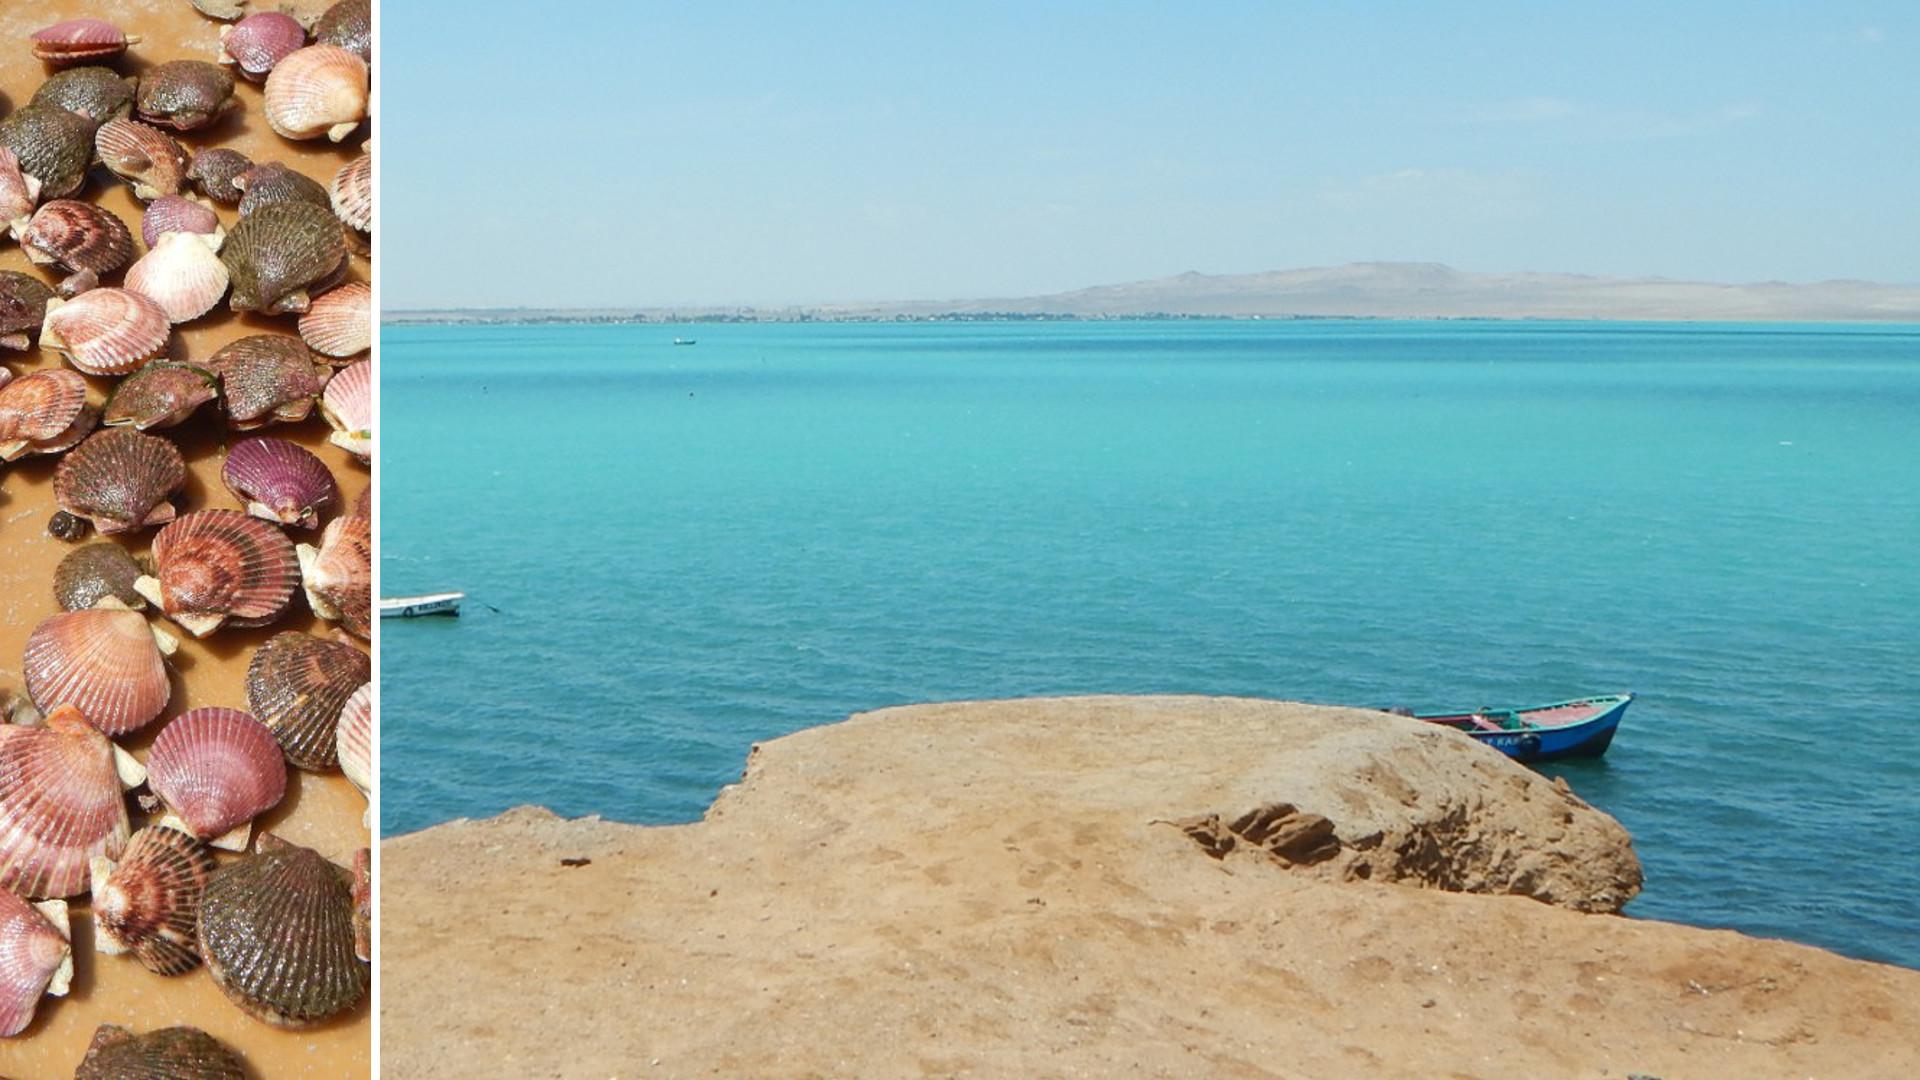 Gauche : Argopecten purpuratus. Droite : La baie de Paracas au Pérou. Ne vous fiez pas aux apparences : ce jour là la température de l'eau est proche de 15°C, la saturation en oxygène proche de 0% et cette belle couleur turquoise est due à la présence d'hydrogène sulfuré, toxique, précipitant sous forme soufre élémentaire